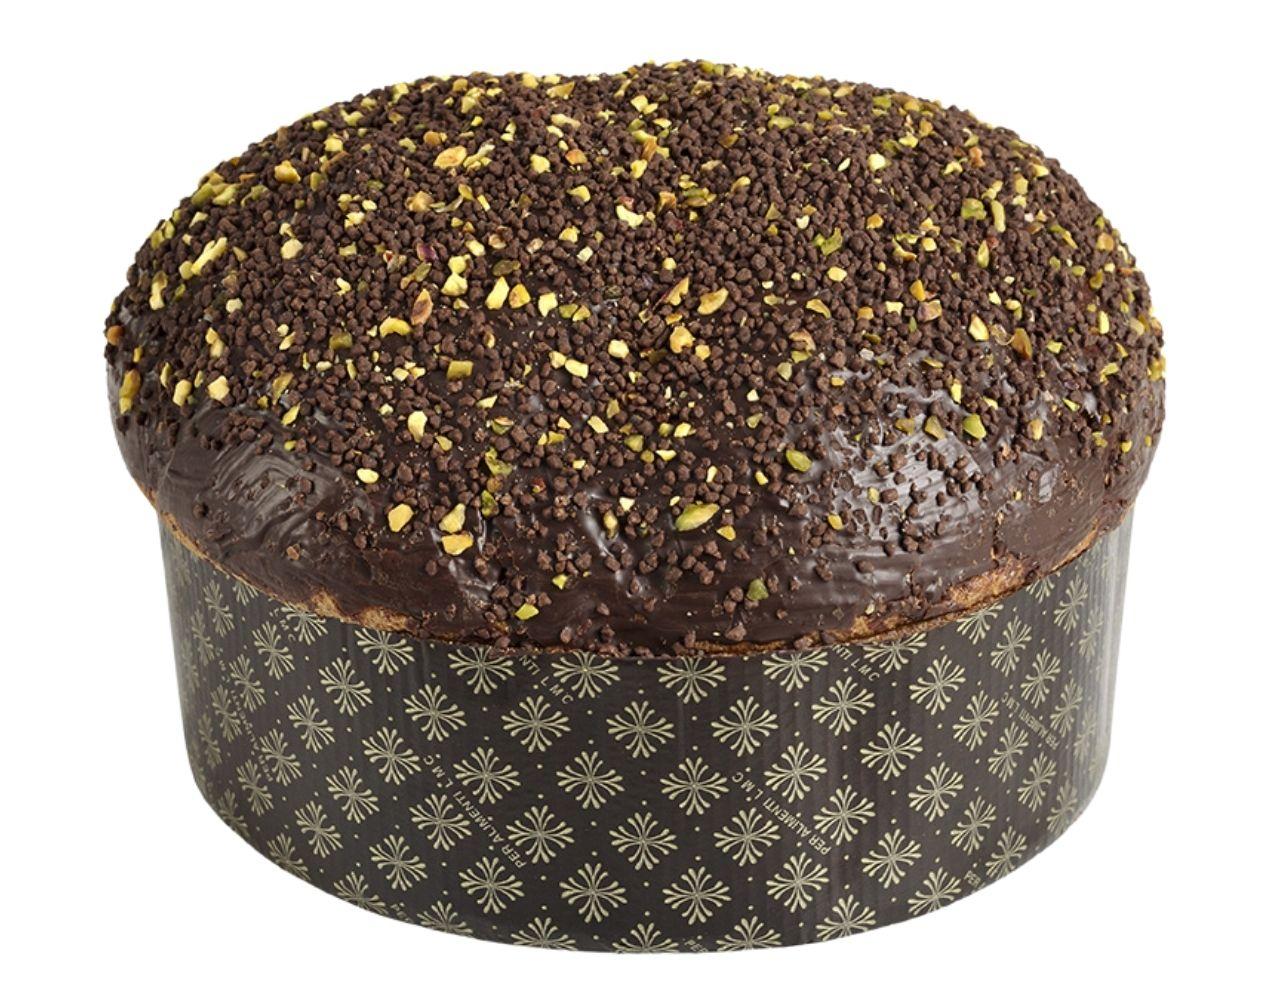 Panettone artigianale al pistacchio di bronte DOP ricoperto al cioccolato fondente 1kg